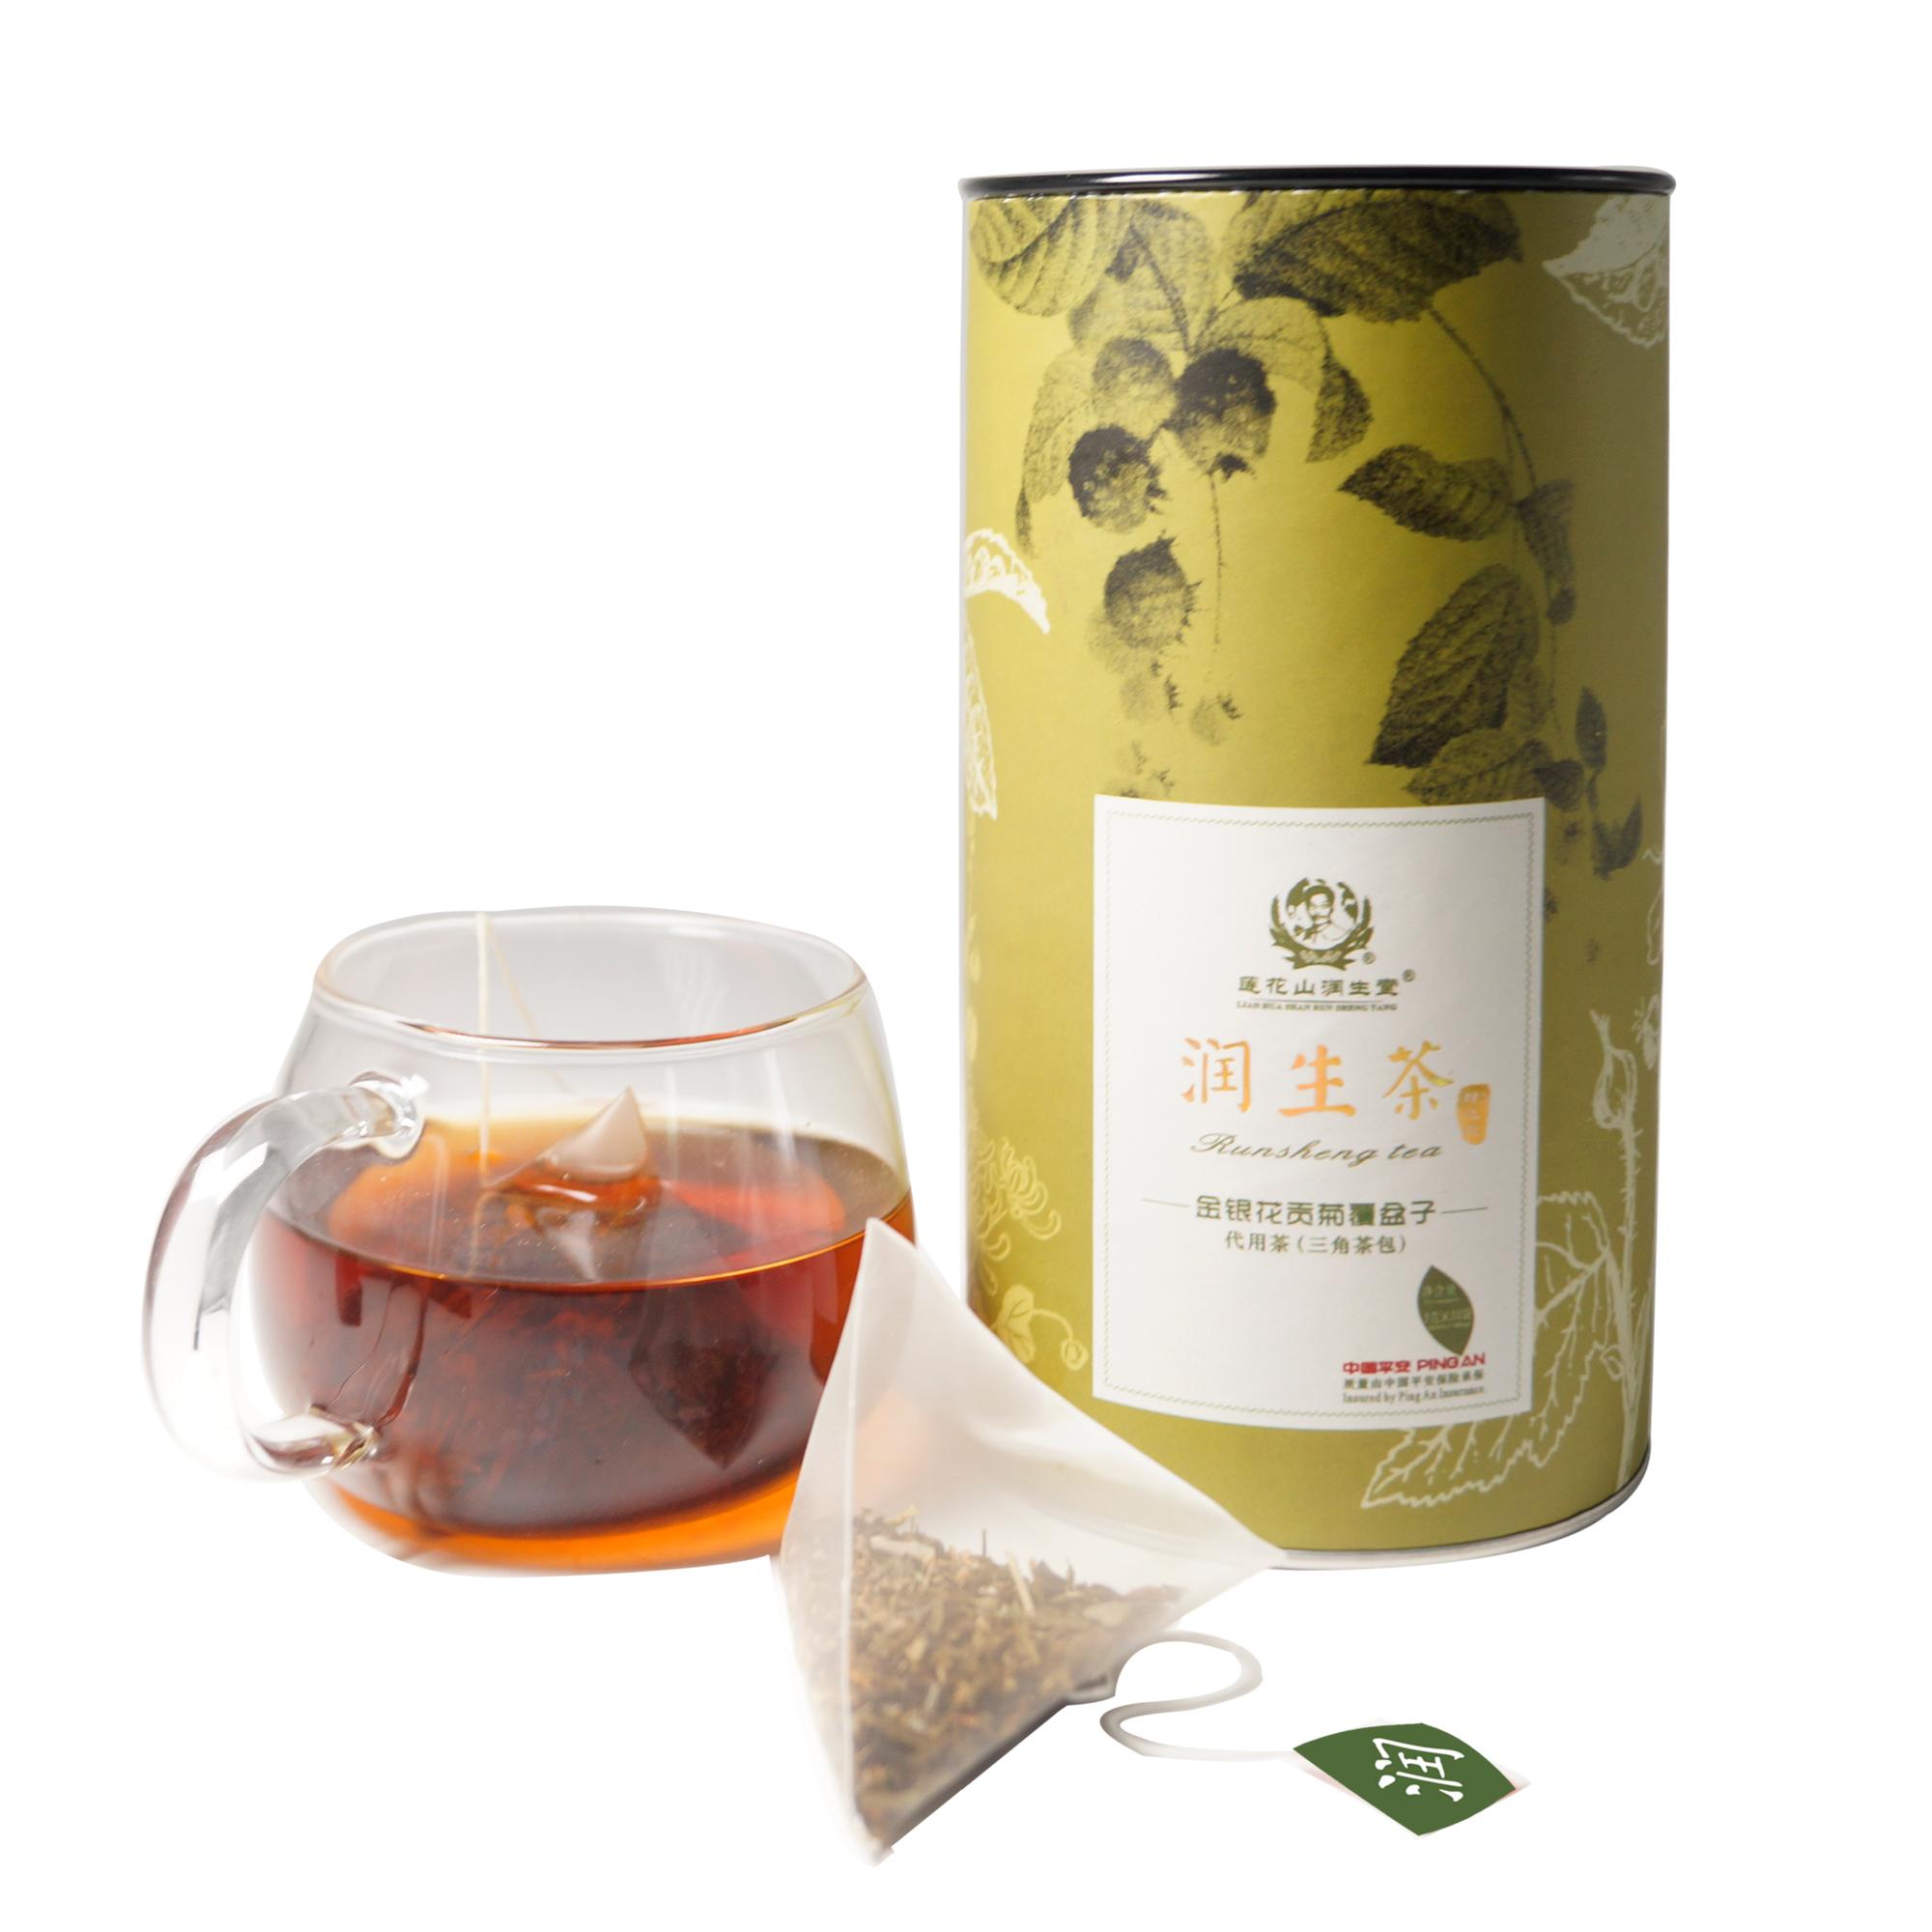 润生堂养生茶润生茶醒酒茶代用茶熬夜茶浓缩型袋泡罐装